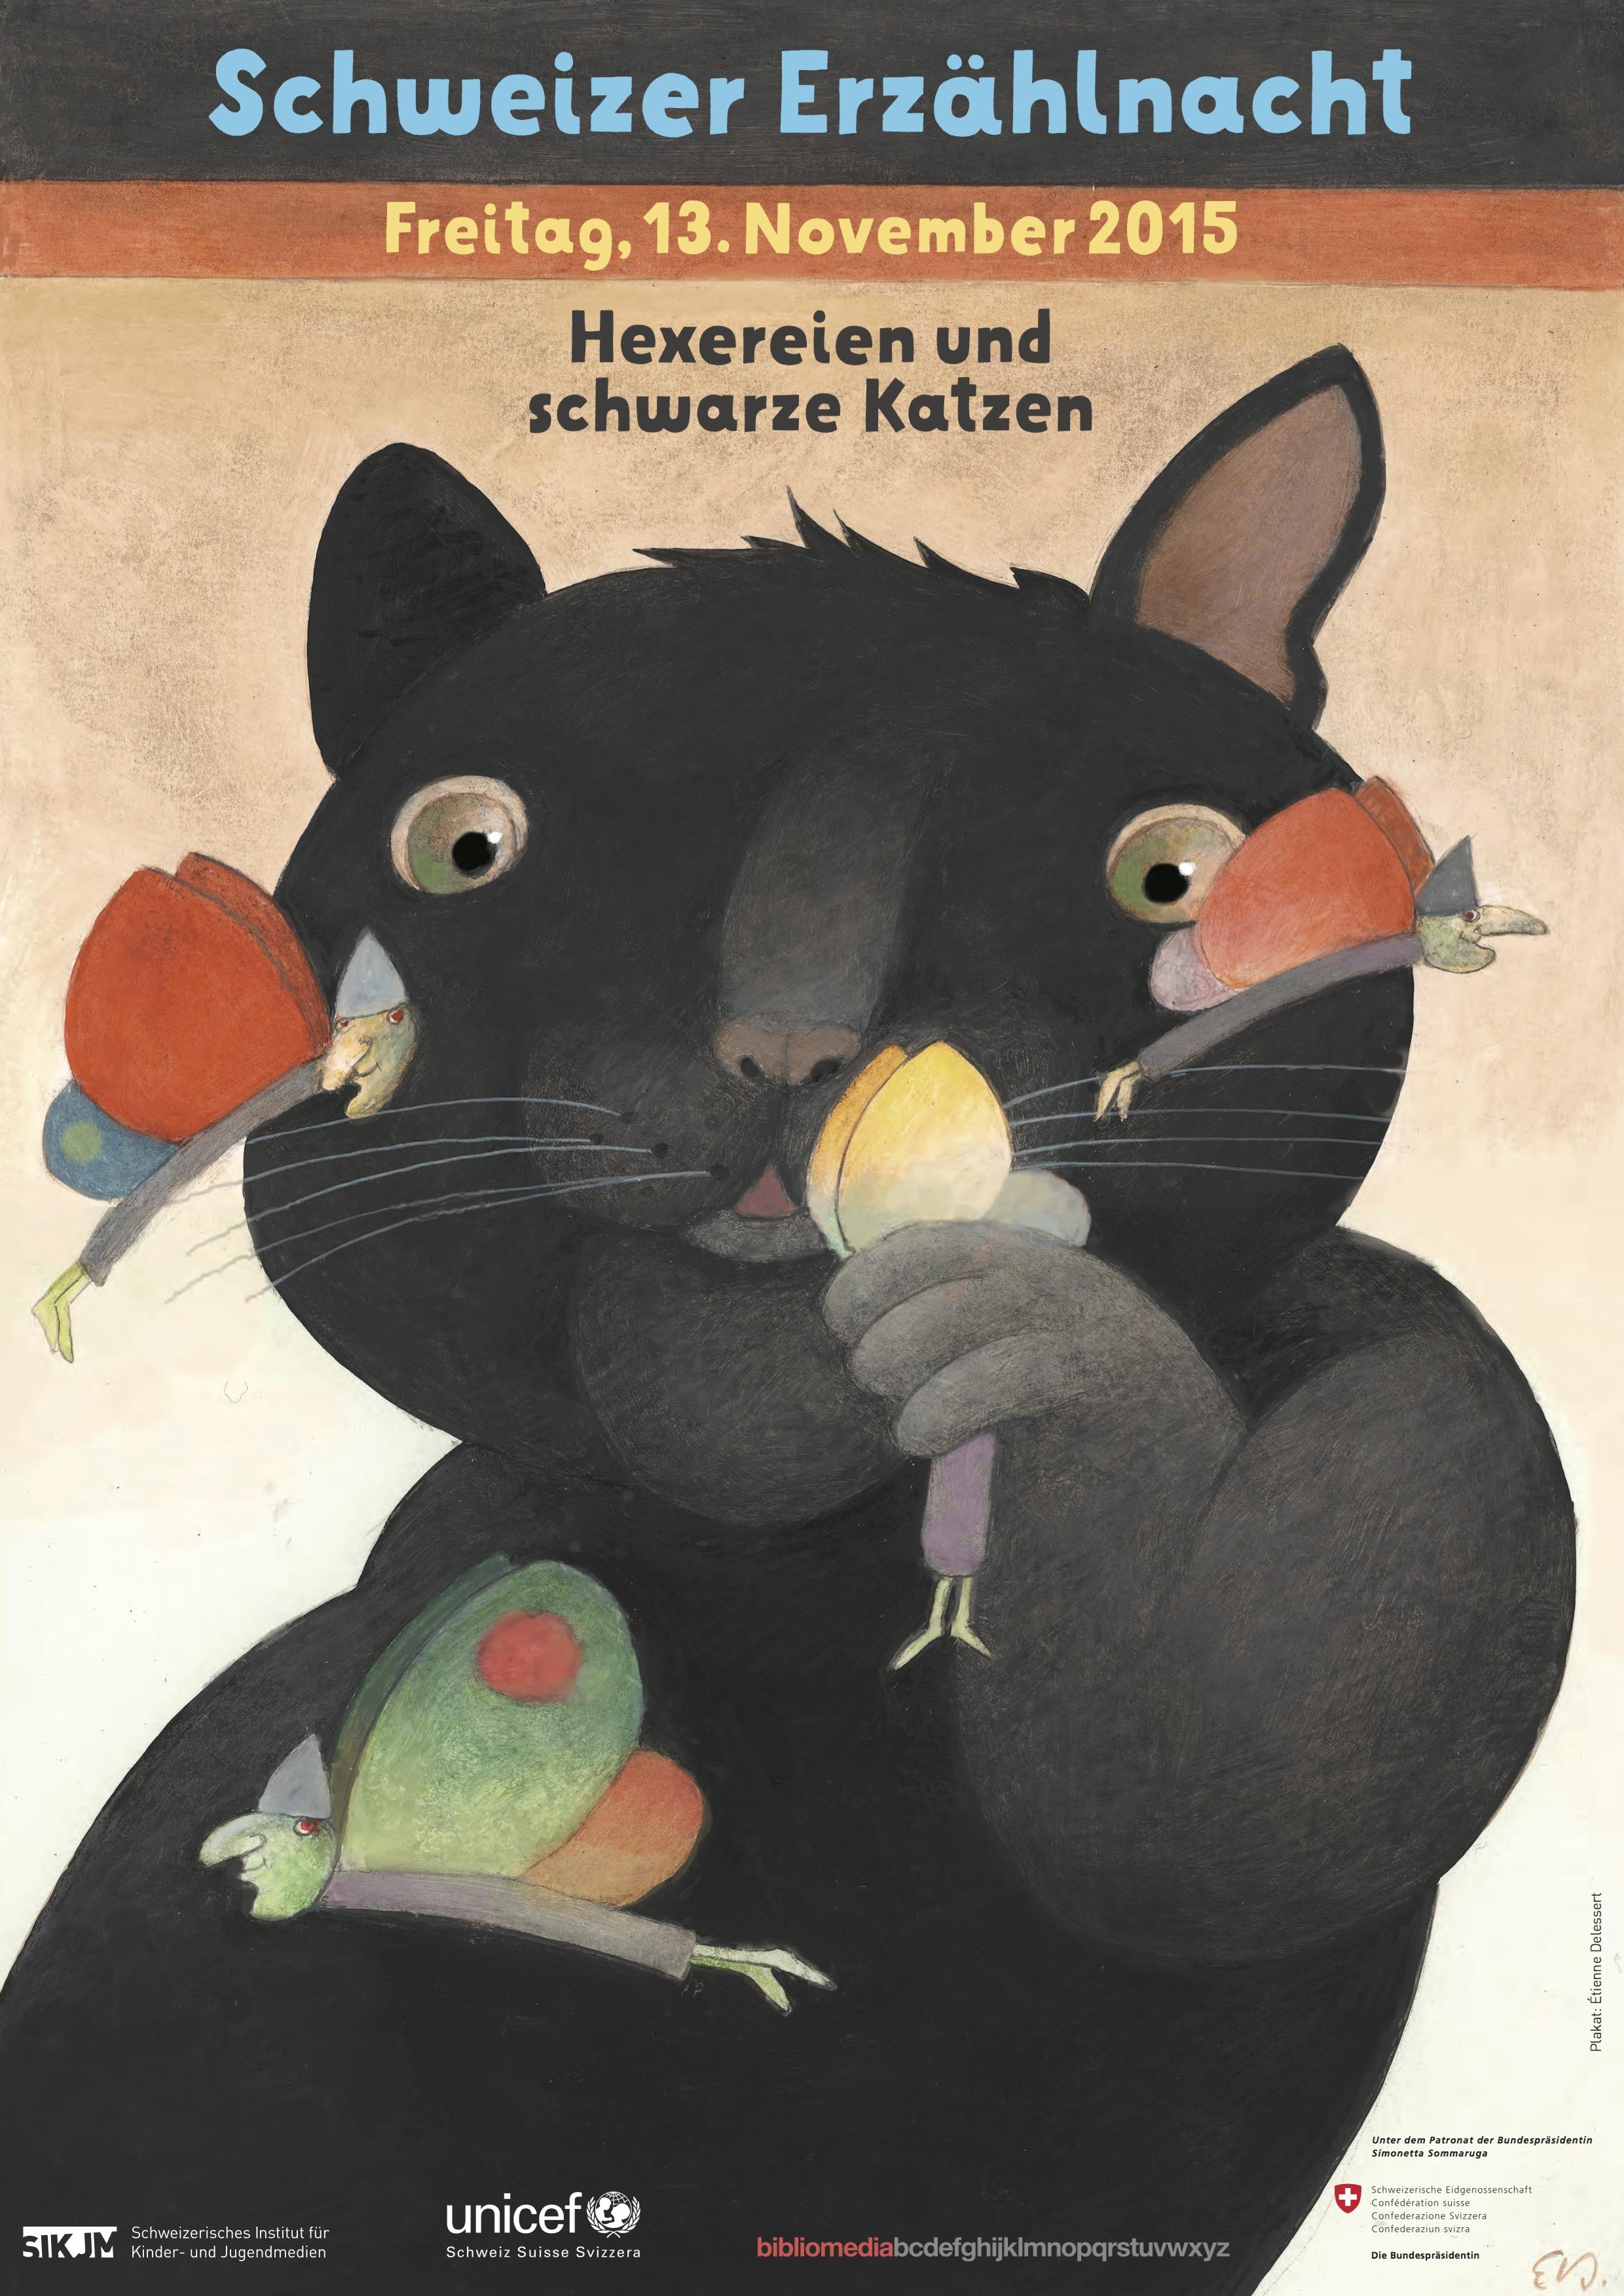 Plakat Erzählnacht 2015